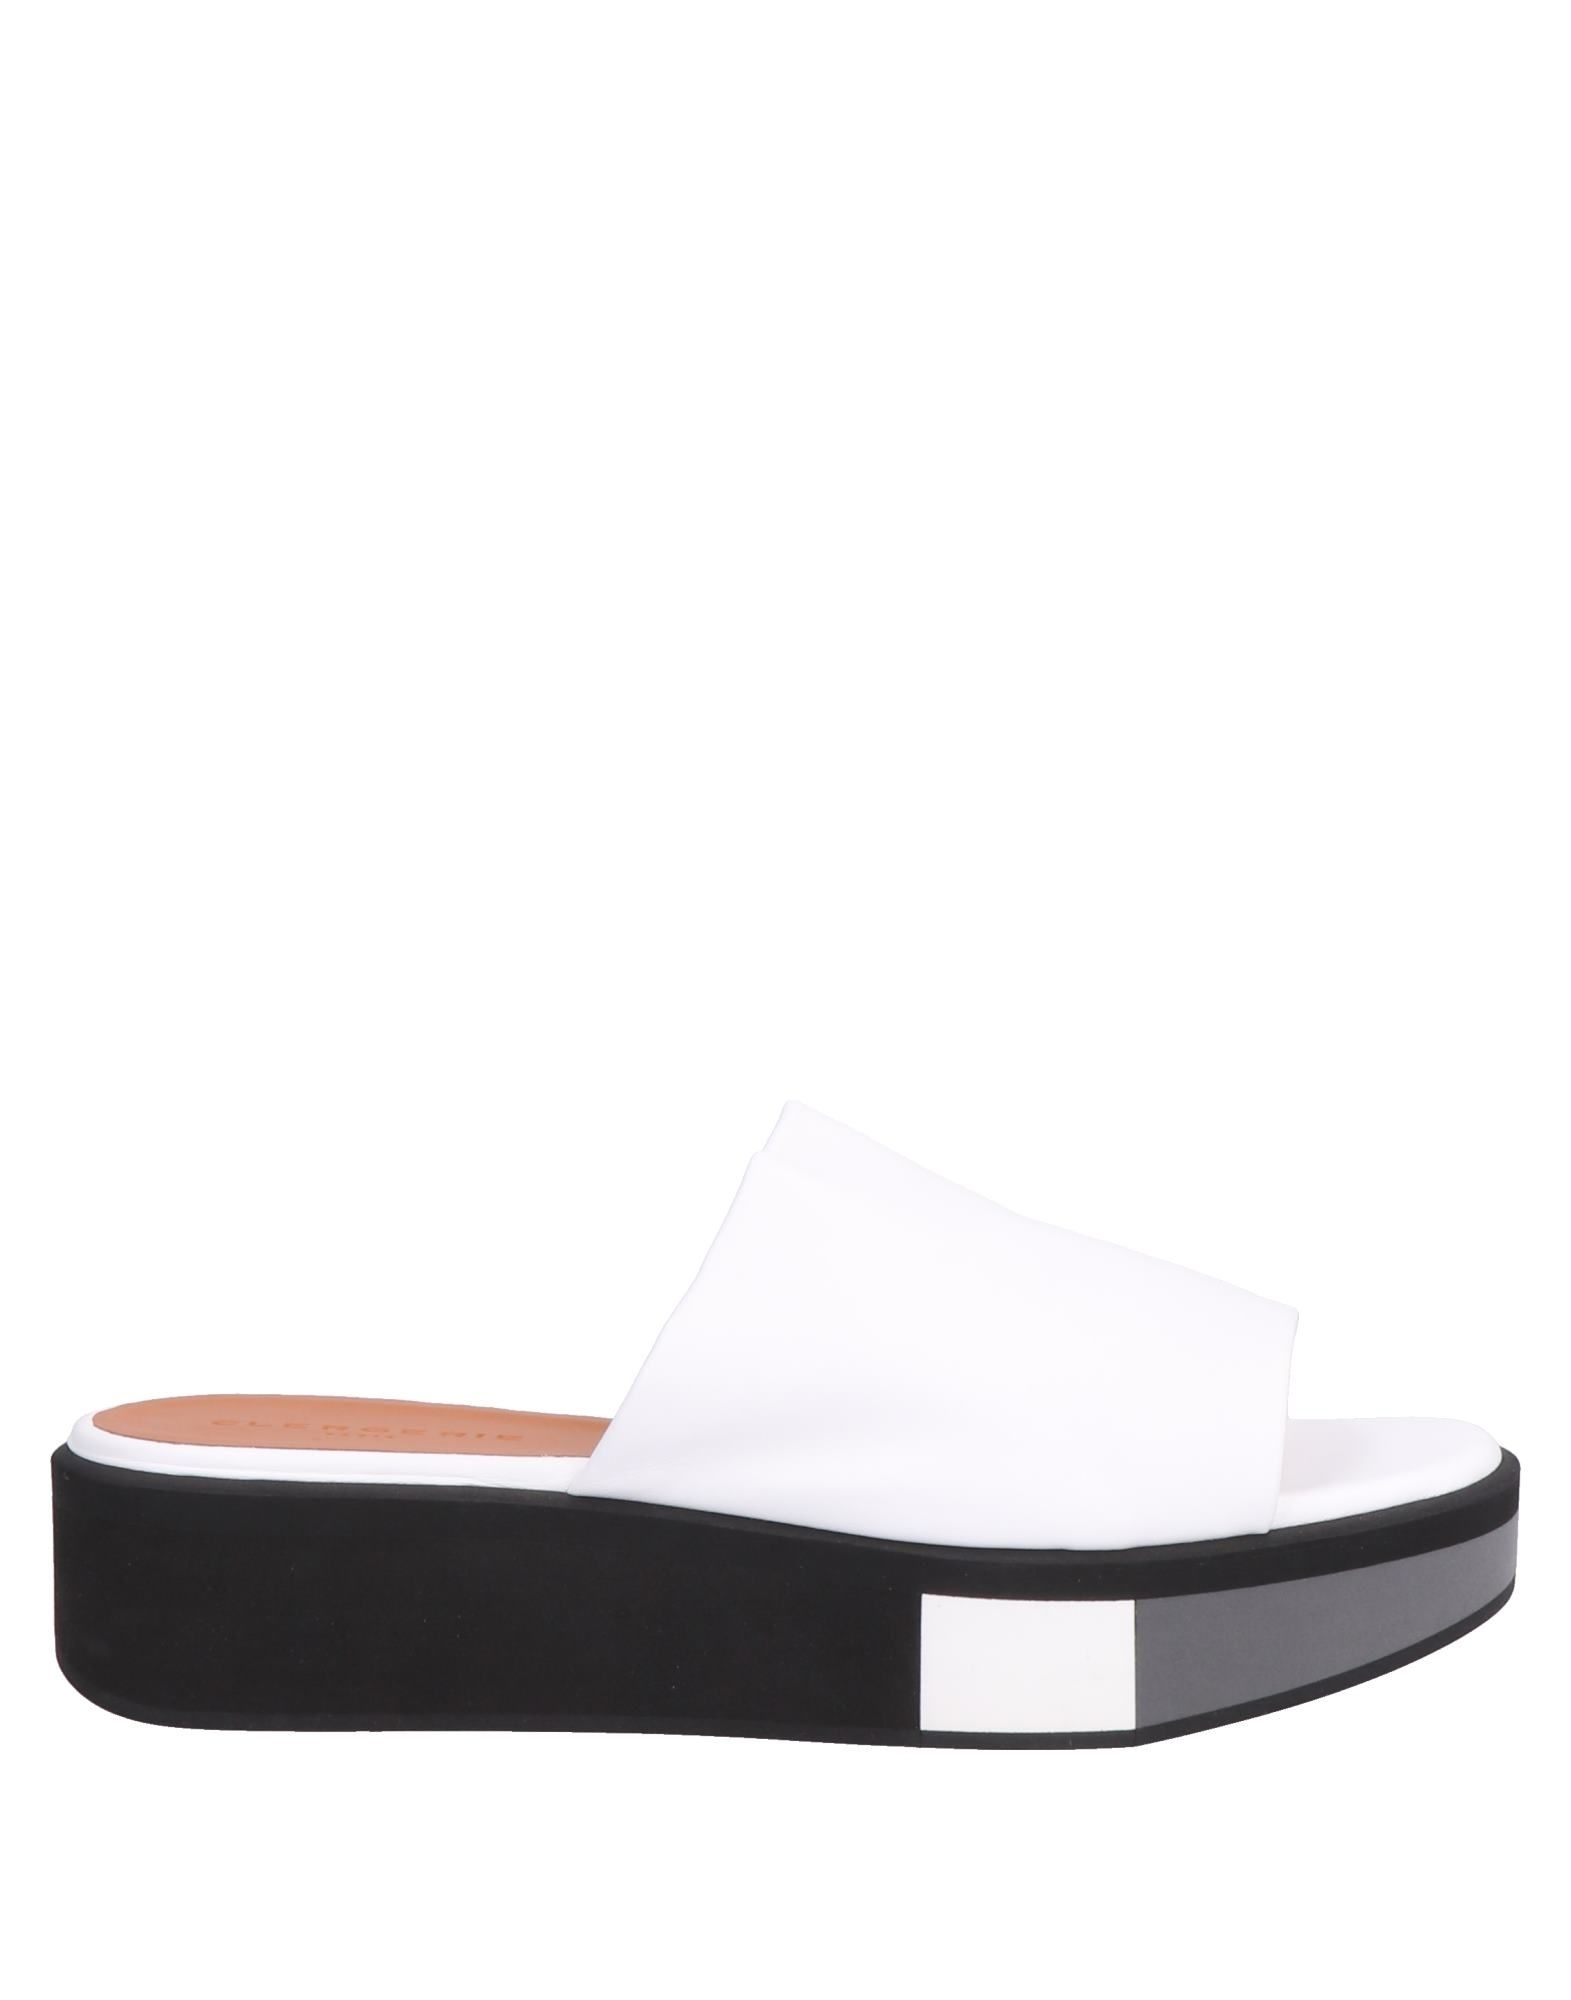 f03498d7a5 Buy clergerie shoes for women - Best women's clergerie shoes shop -  Cools.com